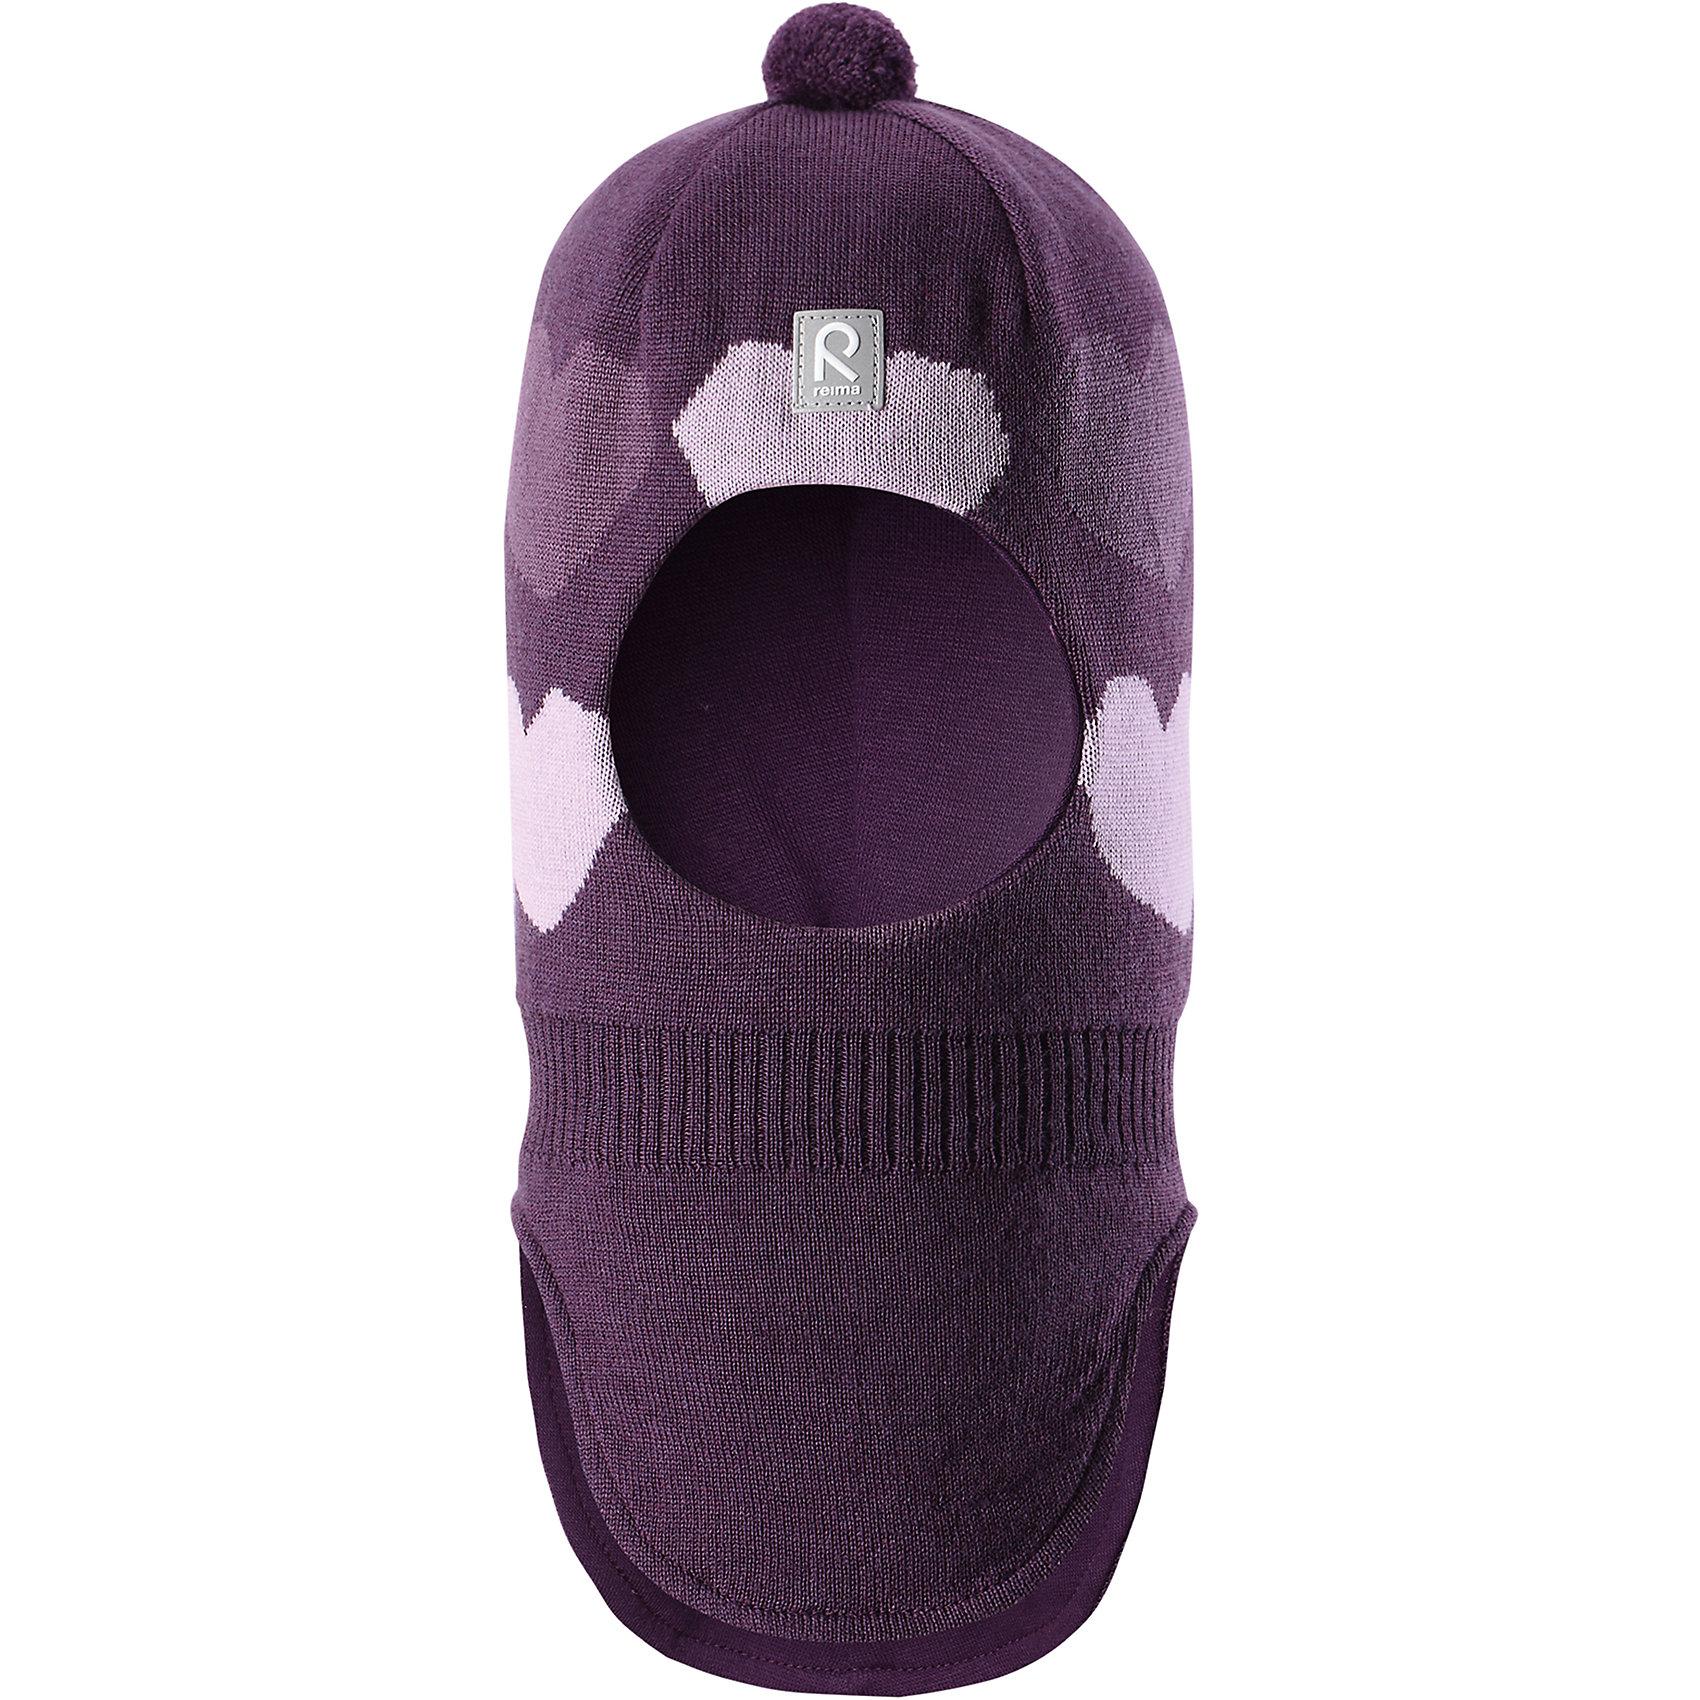 Шапка-шлем Reima Louhii для девочкиШапки и шарфы<br>Характеристики товара:<br><br>• цвет: фиолетовый;<br>• состав: 100% шерсть;<br>• подкладка: 97% хлопок, 3% эластан;<br>• утеплитель: 40 г/м2;<br>• сезон: зима;<br>• температурный режим: от 0 до -20С;<br>• мягкая ткань из мериносовой шерсти для поддержания идеальной температуры тела;<br>• ветронепроницаемые вставки в области ушей;<br>• сплошная подкладка: хлопковый трикотаж с эластаном;<br>• шапка-шлем с помпоном сверху;<br>• логотип Reima® спереди;<br>• страна бренда: Финляндия;<br>• страна изготовитель: Китай.<br><br>Мягкая и удобная шапка-шлем для малышей превосходно согреет в зимний день. Она сделана из мягкой мериносовой шерсти, которая превосходно регулирует температуру. Снабжена полной подкладкой из удобного джерси из смеси хлопка и эластана, легким утеплителем и ветронепроницаемыми вставками в области ушей. Сплошная жаккардовая узорная вязка. Помпон на макушке довершает стильный образ!<br><br>Шапку-шлем Reima Louhii для девочки от финского бренда Reima (Рейма) можно купить в нашем интернет-магазине.<br><br>Ширина мм: 89<br>Глубина мм: 117<br>Высота мм: 44<br>Вес г: 155<br>Цвет: лиловый<br>Возраст от месяцев: 72<br>Возраст до месяцев: 84<br>Пол: Женский<br>Возраст: Детский<br>Размер: 54,50,52<br>SKU: 6902627